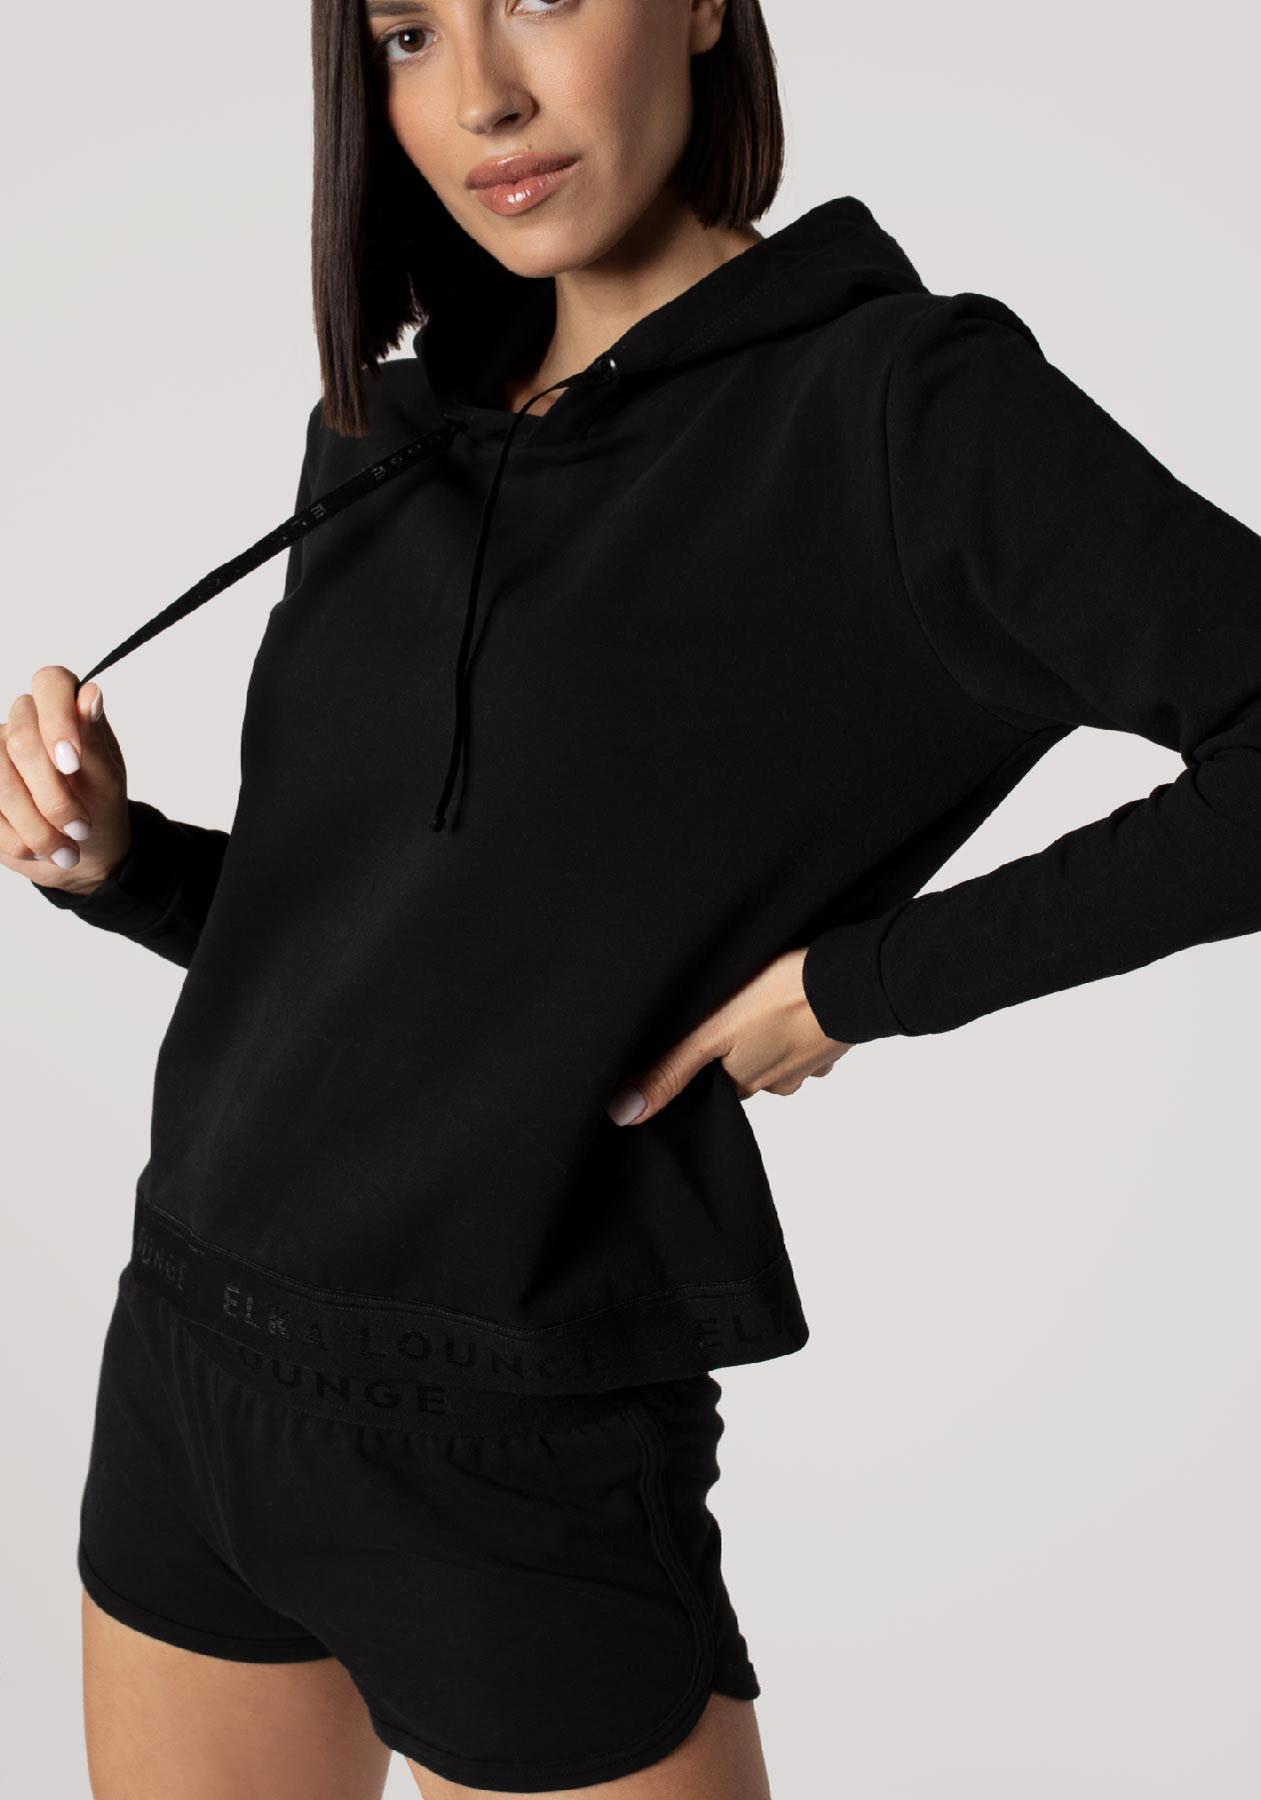 Women-Sweatshirt-ELKA-Lounge-W00556